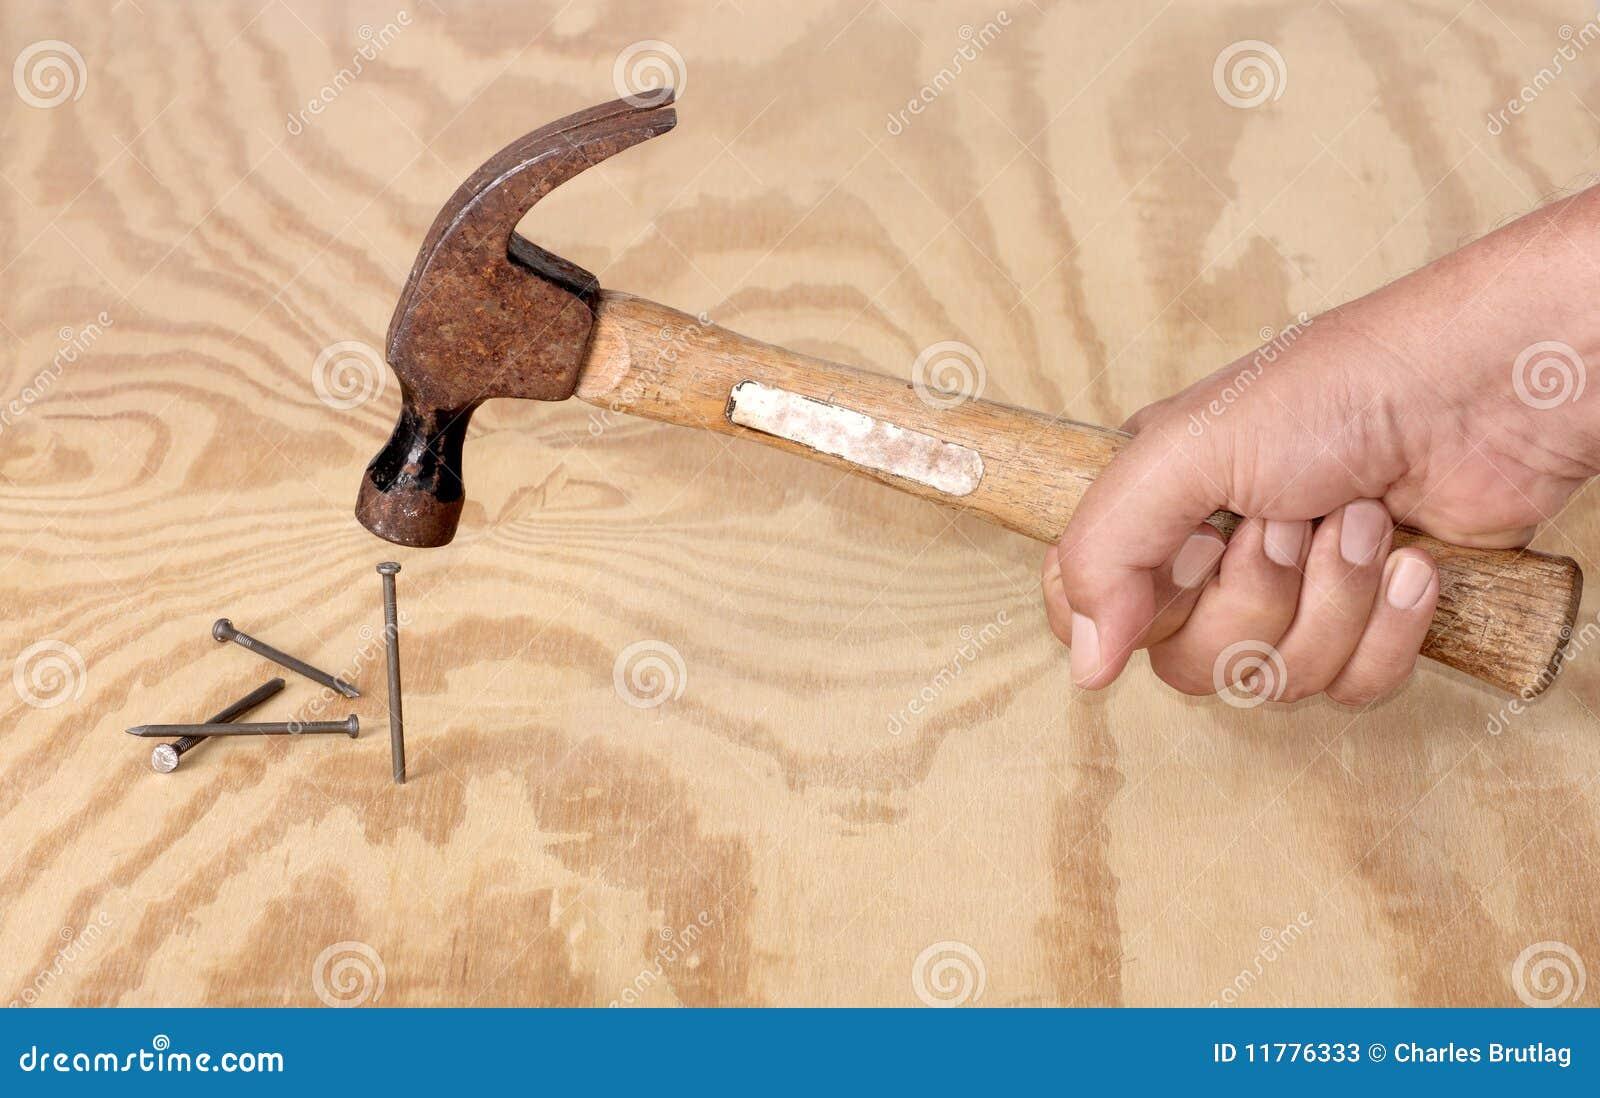 Martilleo de clavos fotos de archivo imagen 11776333 - Clavos para madera ...